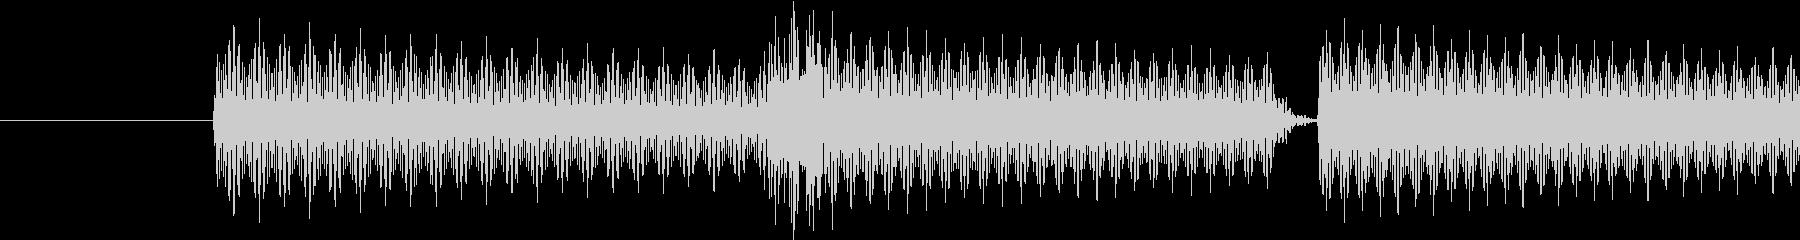 ゲーム(キャンセル、取り消し)の音の未再生の波形